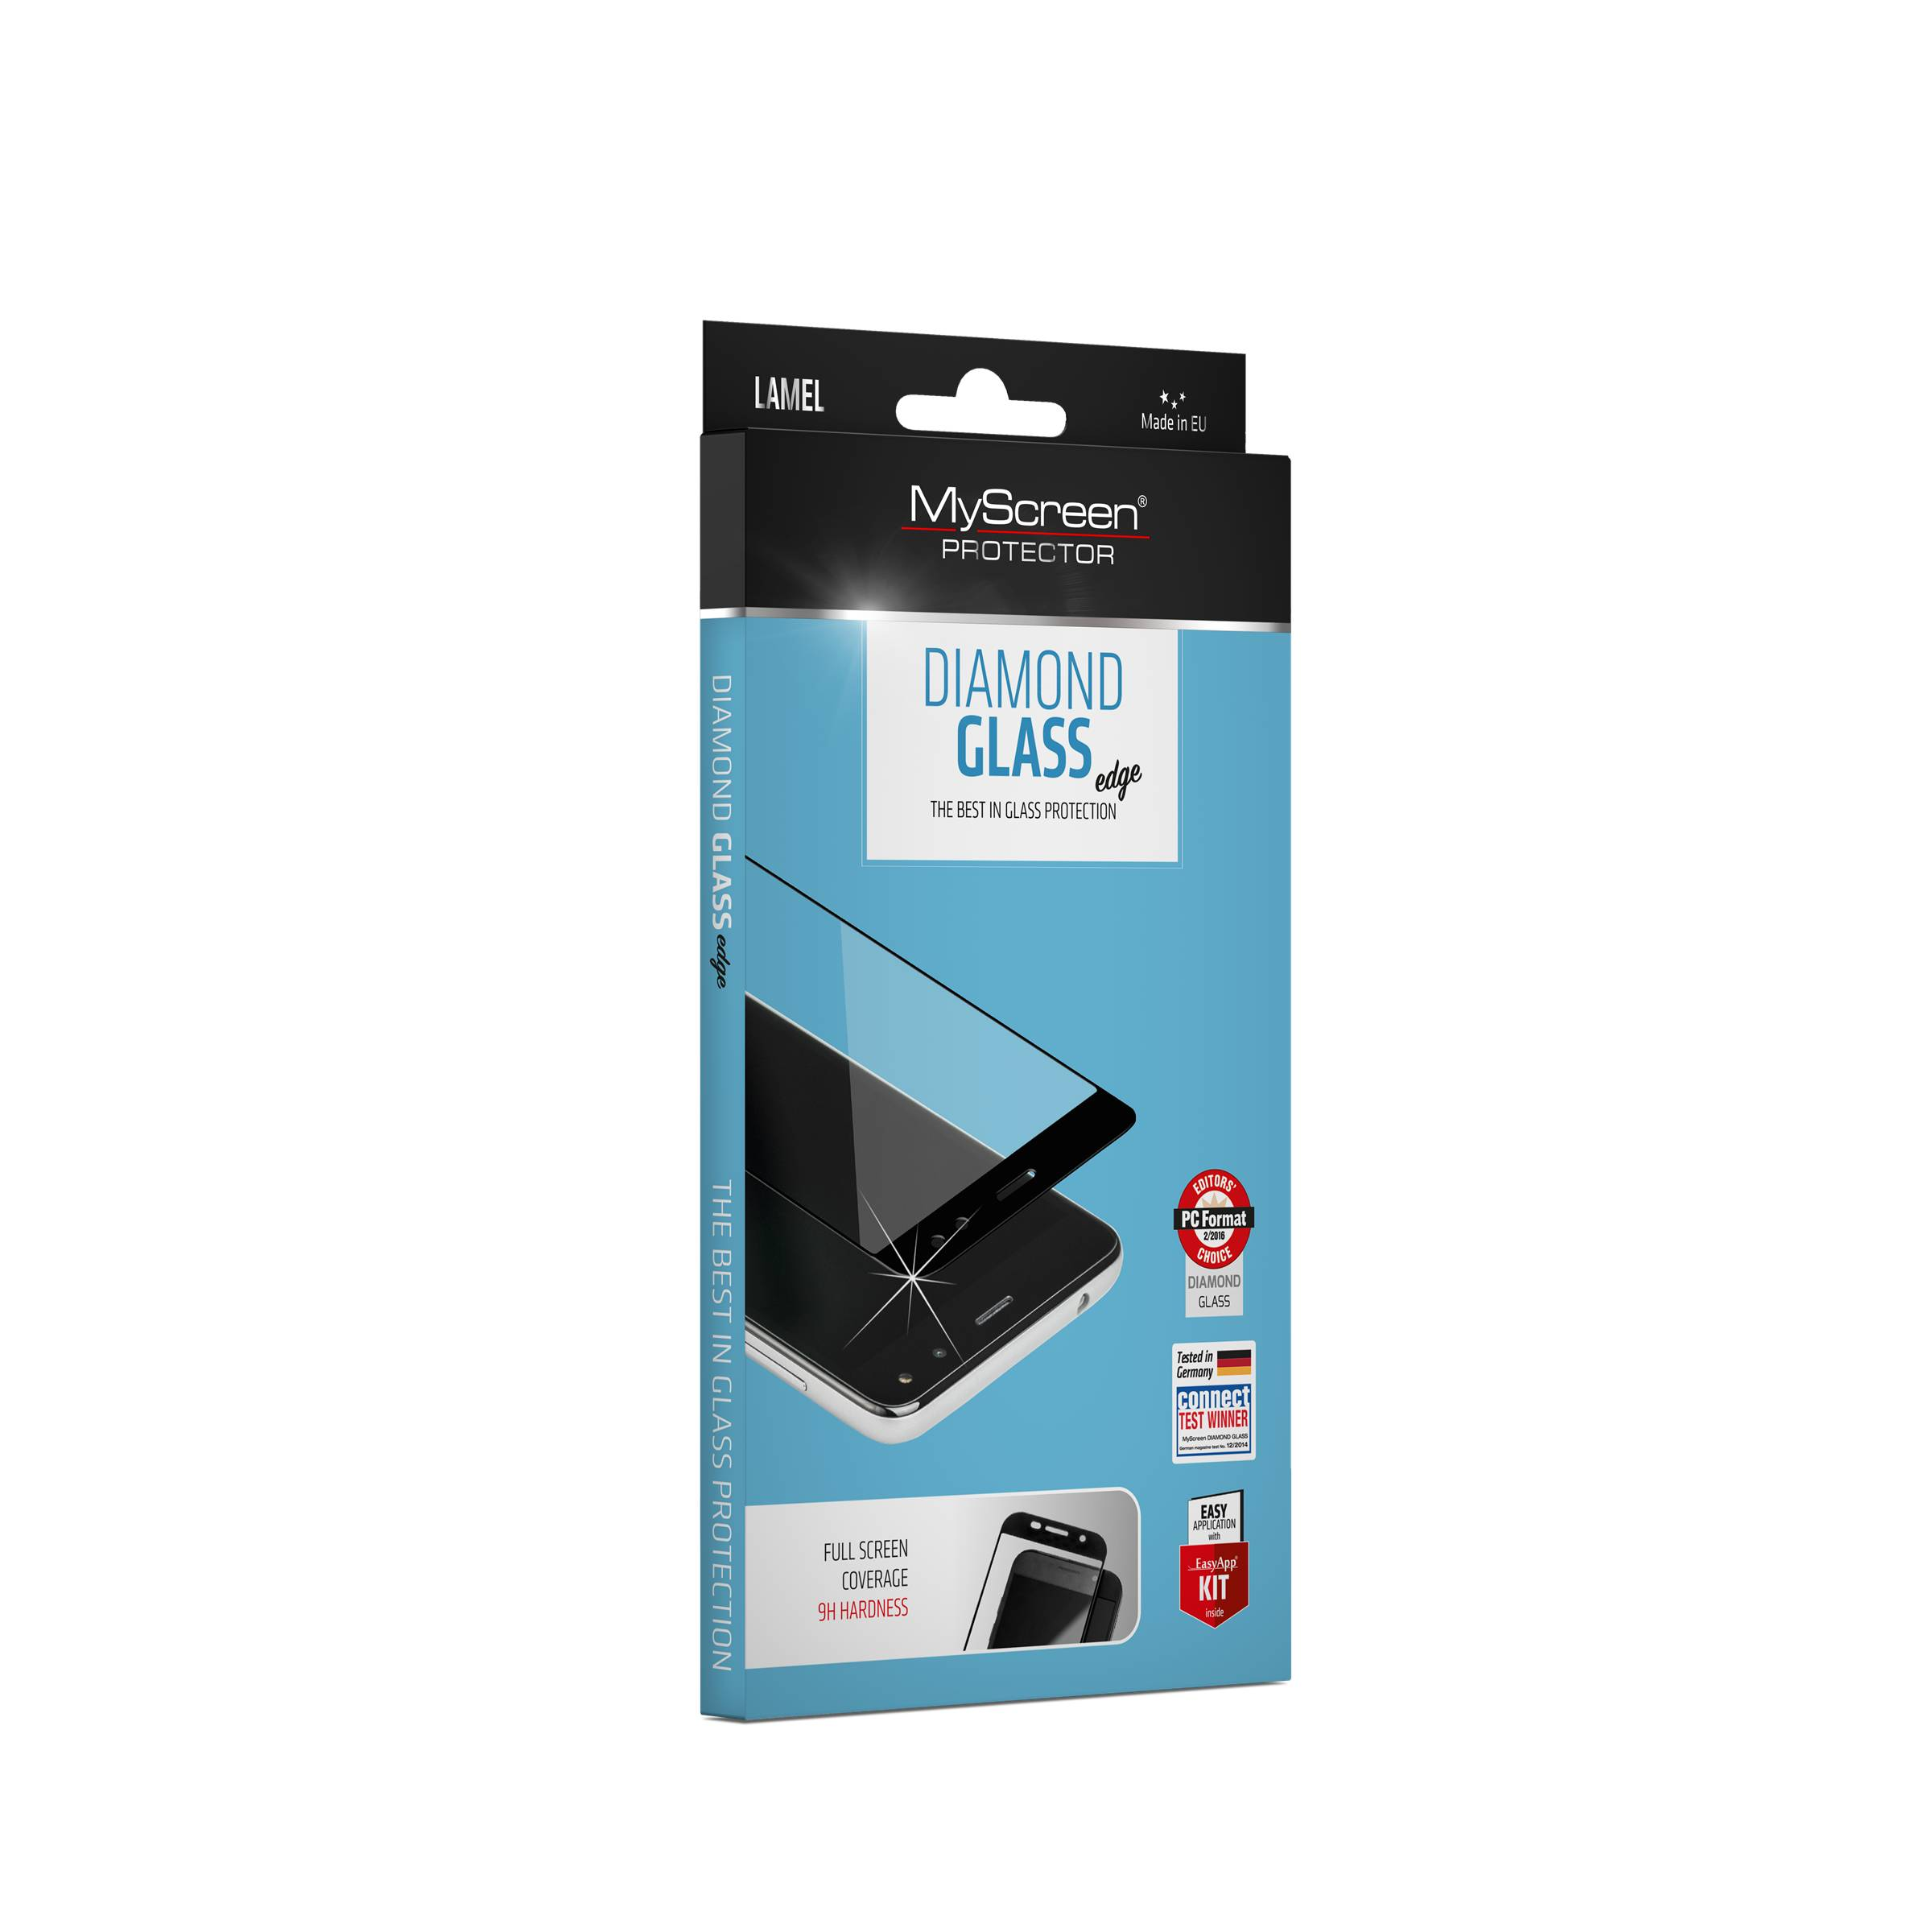 Myscreen edge iphone 7/8 sort beskyttelsesglas fra myscreen på mackabler.dk